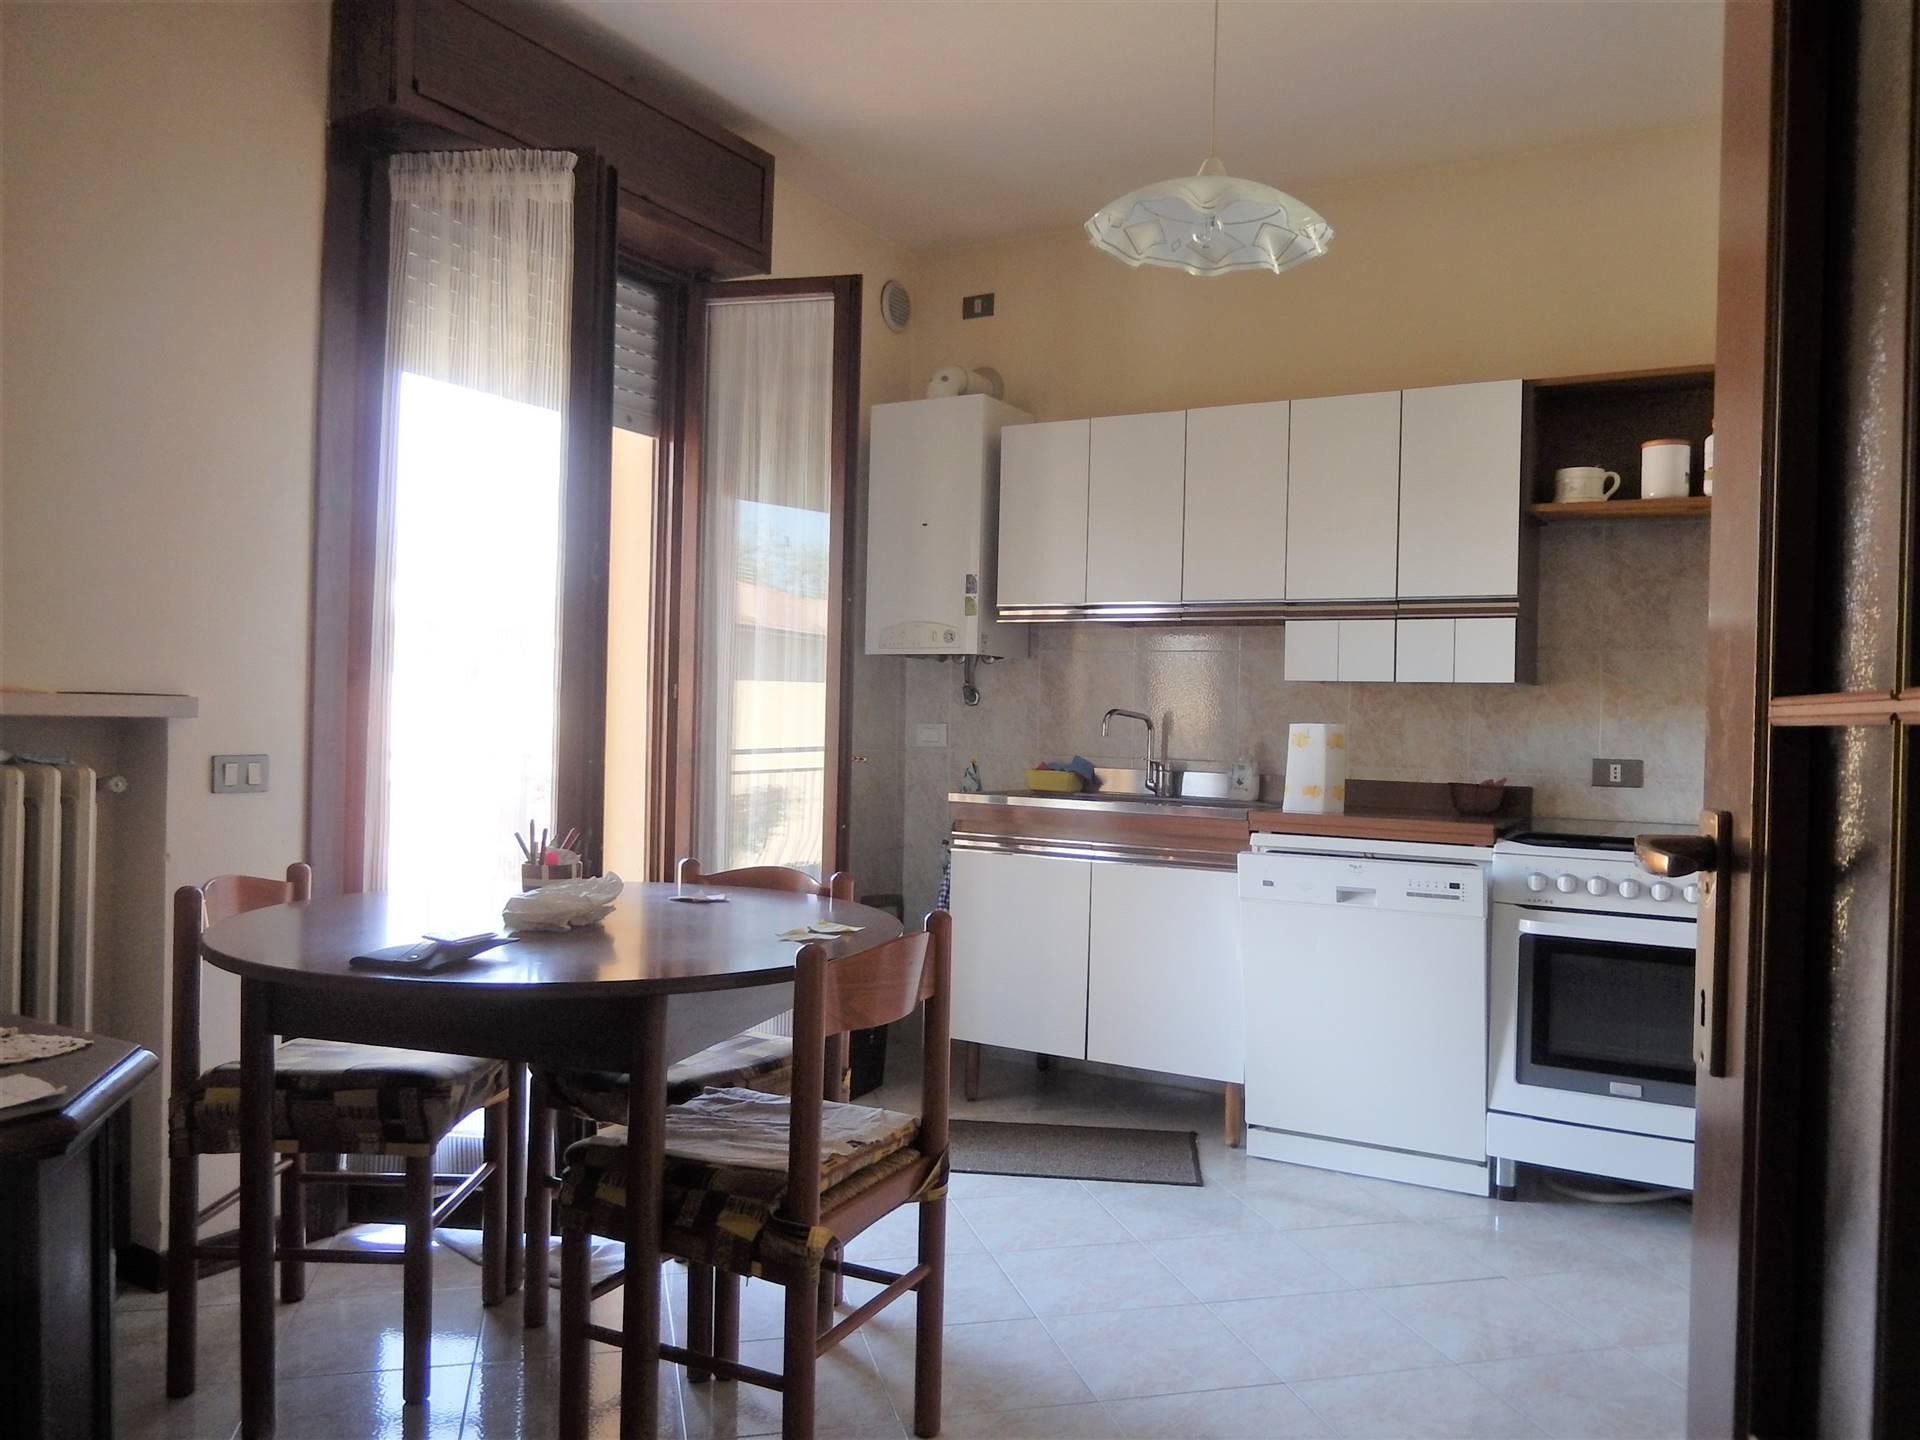 Appartamento in vendita a Porto Mantovano, 3 locali, zona Zona: Sant'Antonio (capoluogo), prezzo € 103.000 | CambioCasa.it